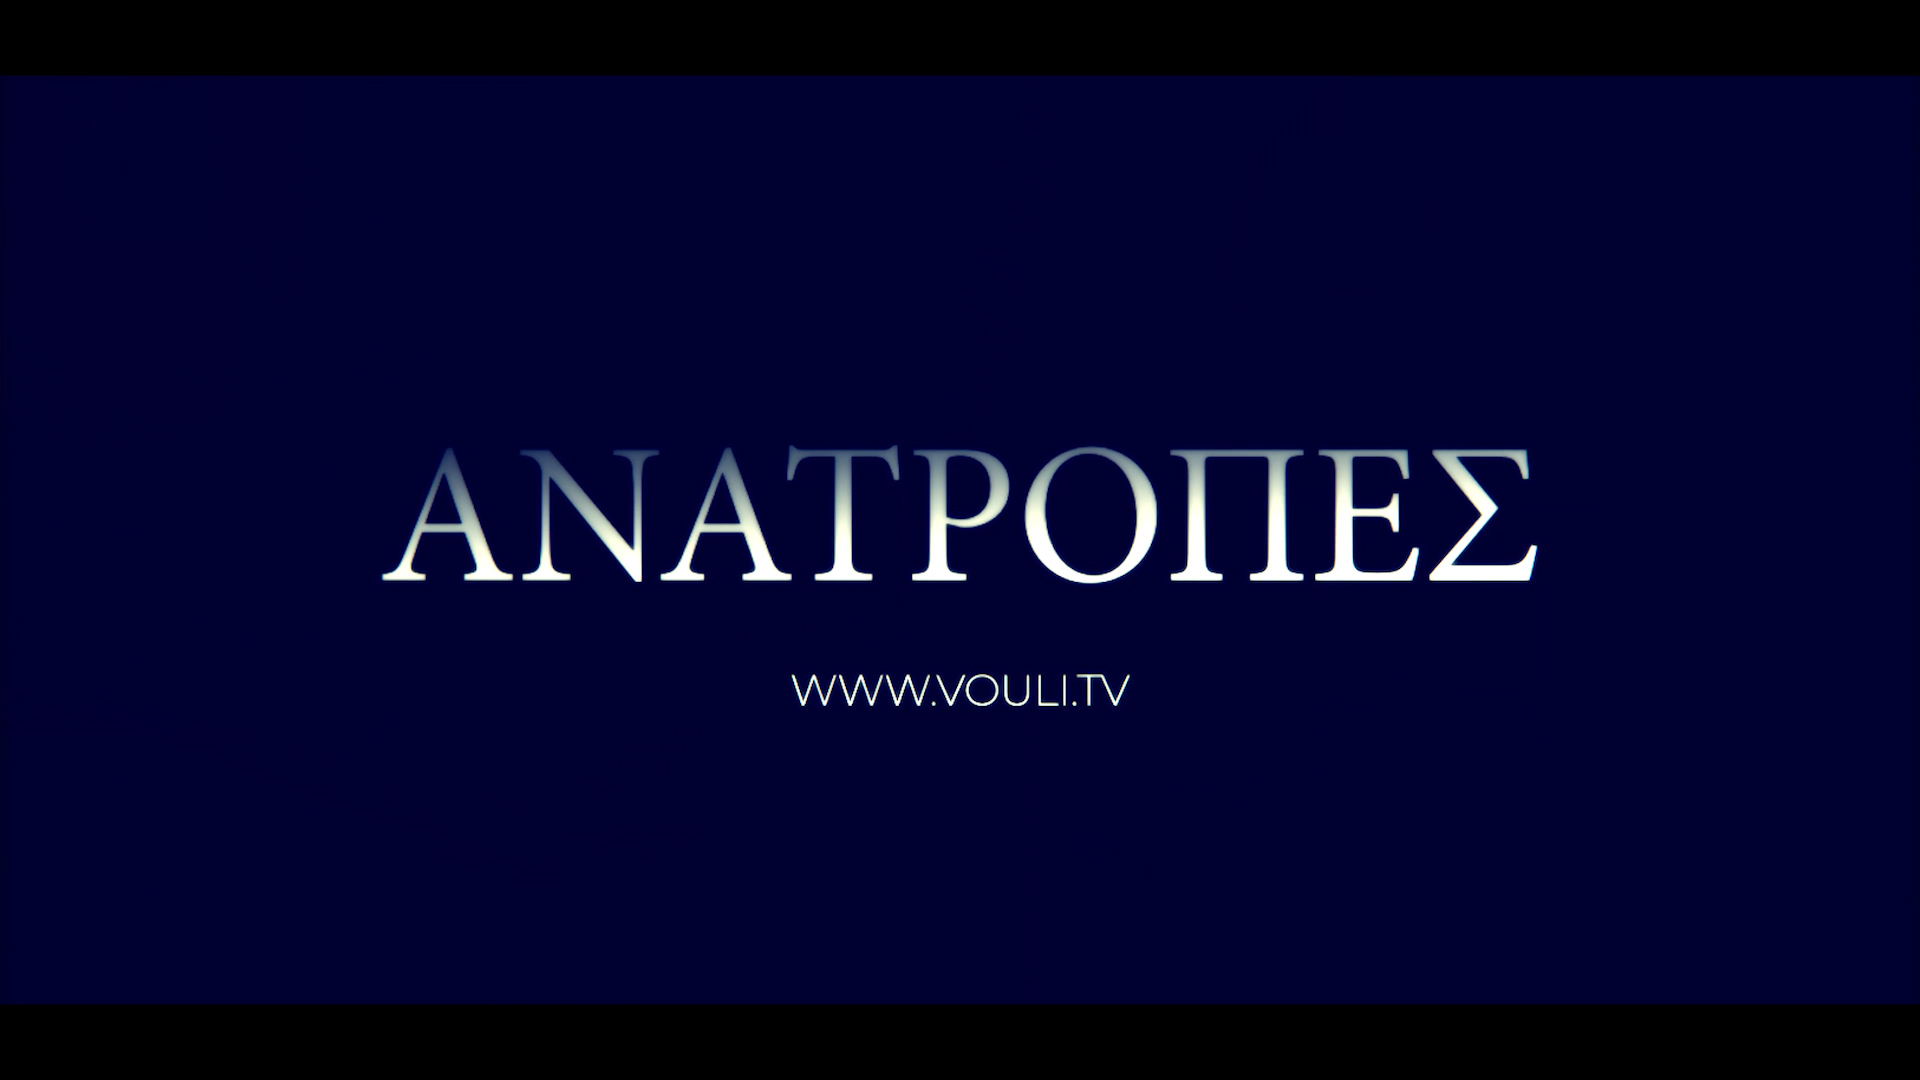 Ανατροπές @Vouli.TV   30/10/2020